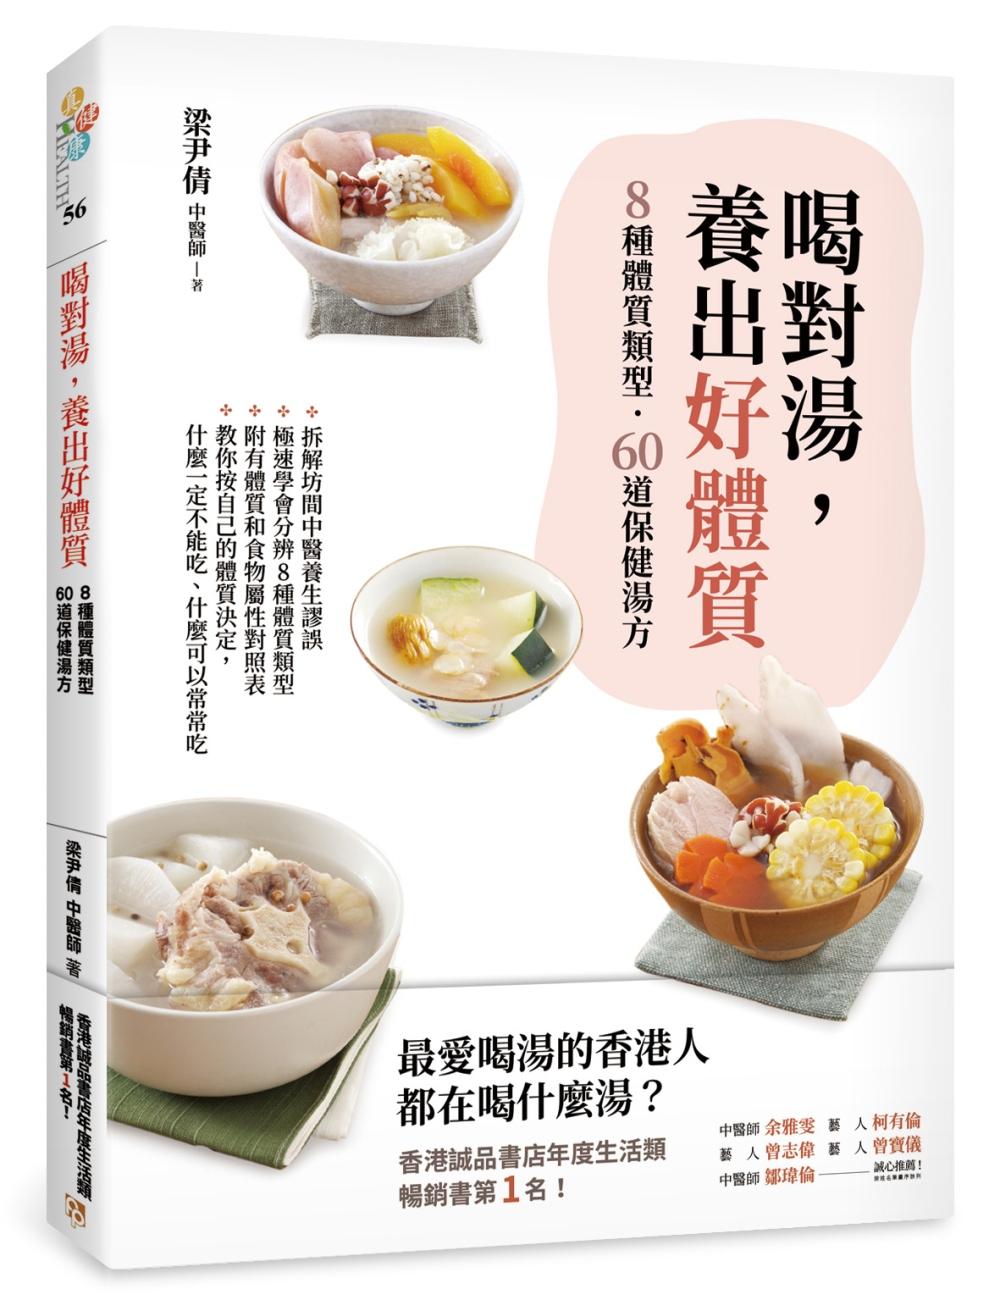 ◤博客來BOOKS◢ 暢銷書榜《推薦》喝對湯,養出好體質:煲湯王國香港年度暢銷No.1的湯療食譜!拆解坊間中醫養生謬誤,教你極速學會分辨8種體質類型,量身訂做60道保健湯方!